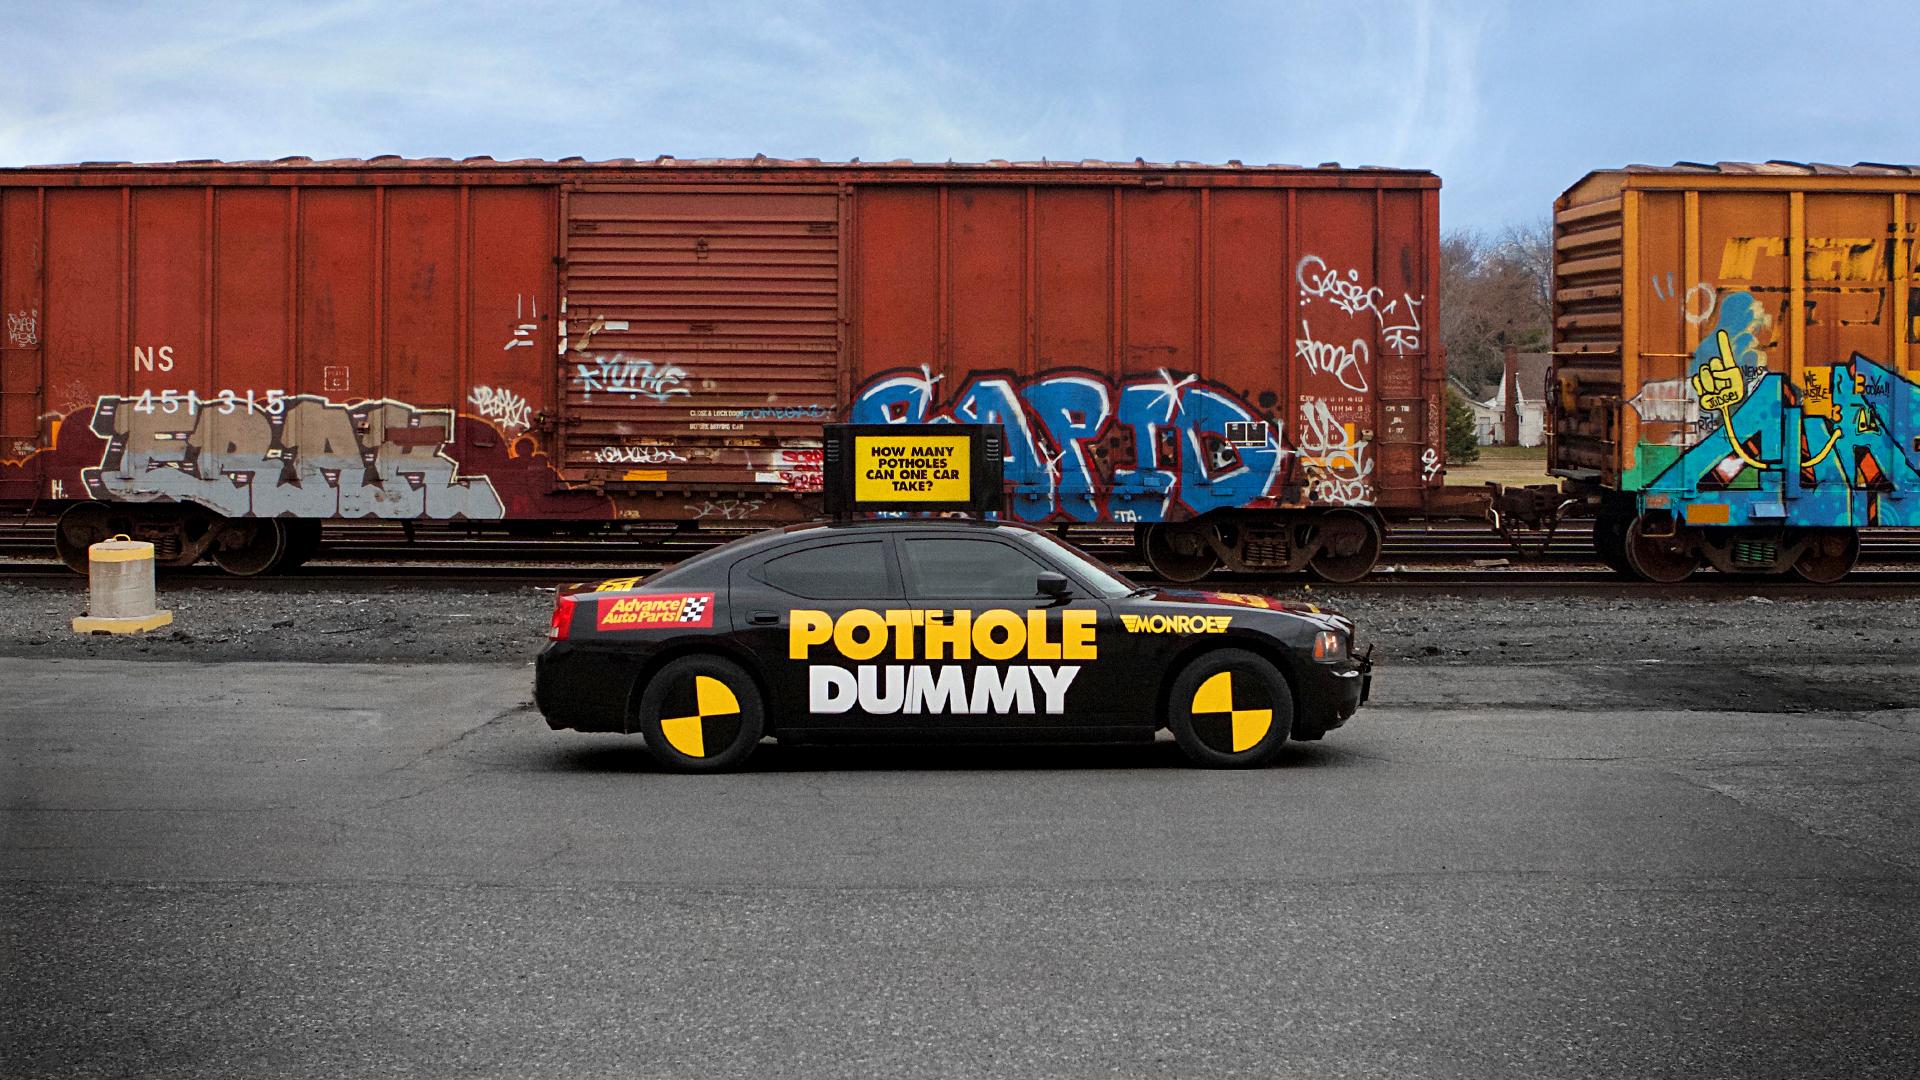 2_PHD-Car_Train-Tracks_RETOUCHED_1920x1080.jpg